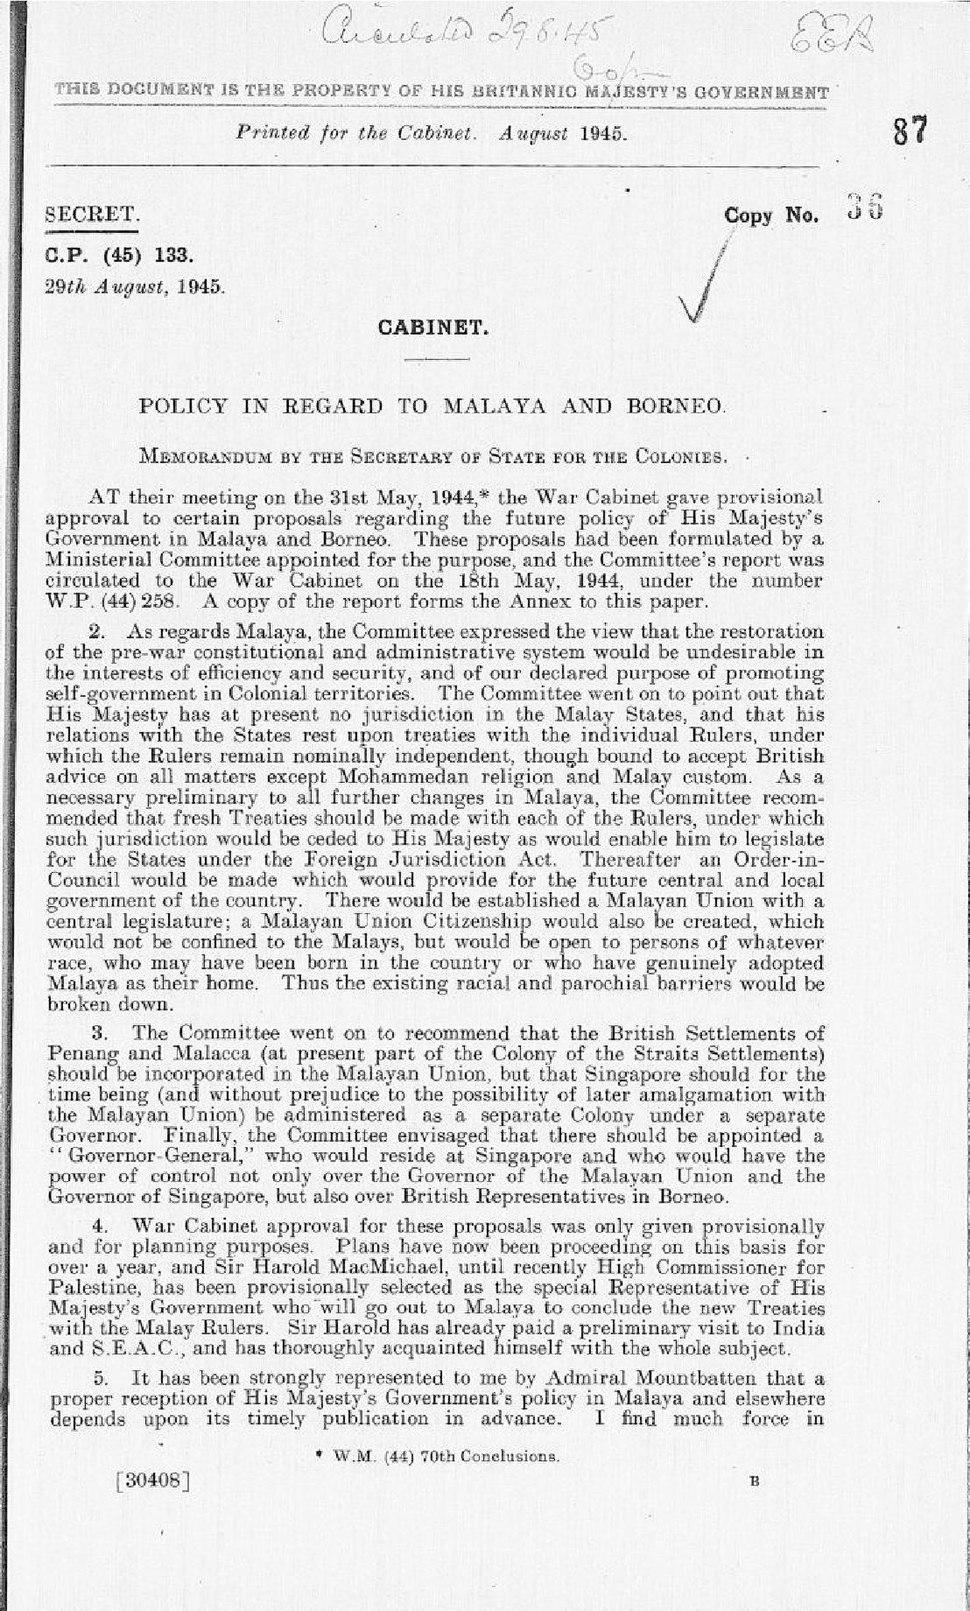 Cabinet Memoranda 29 August 1945 (cab-129-1-cp-133).pdf